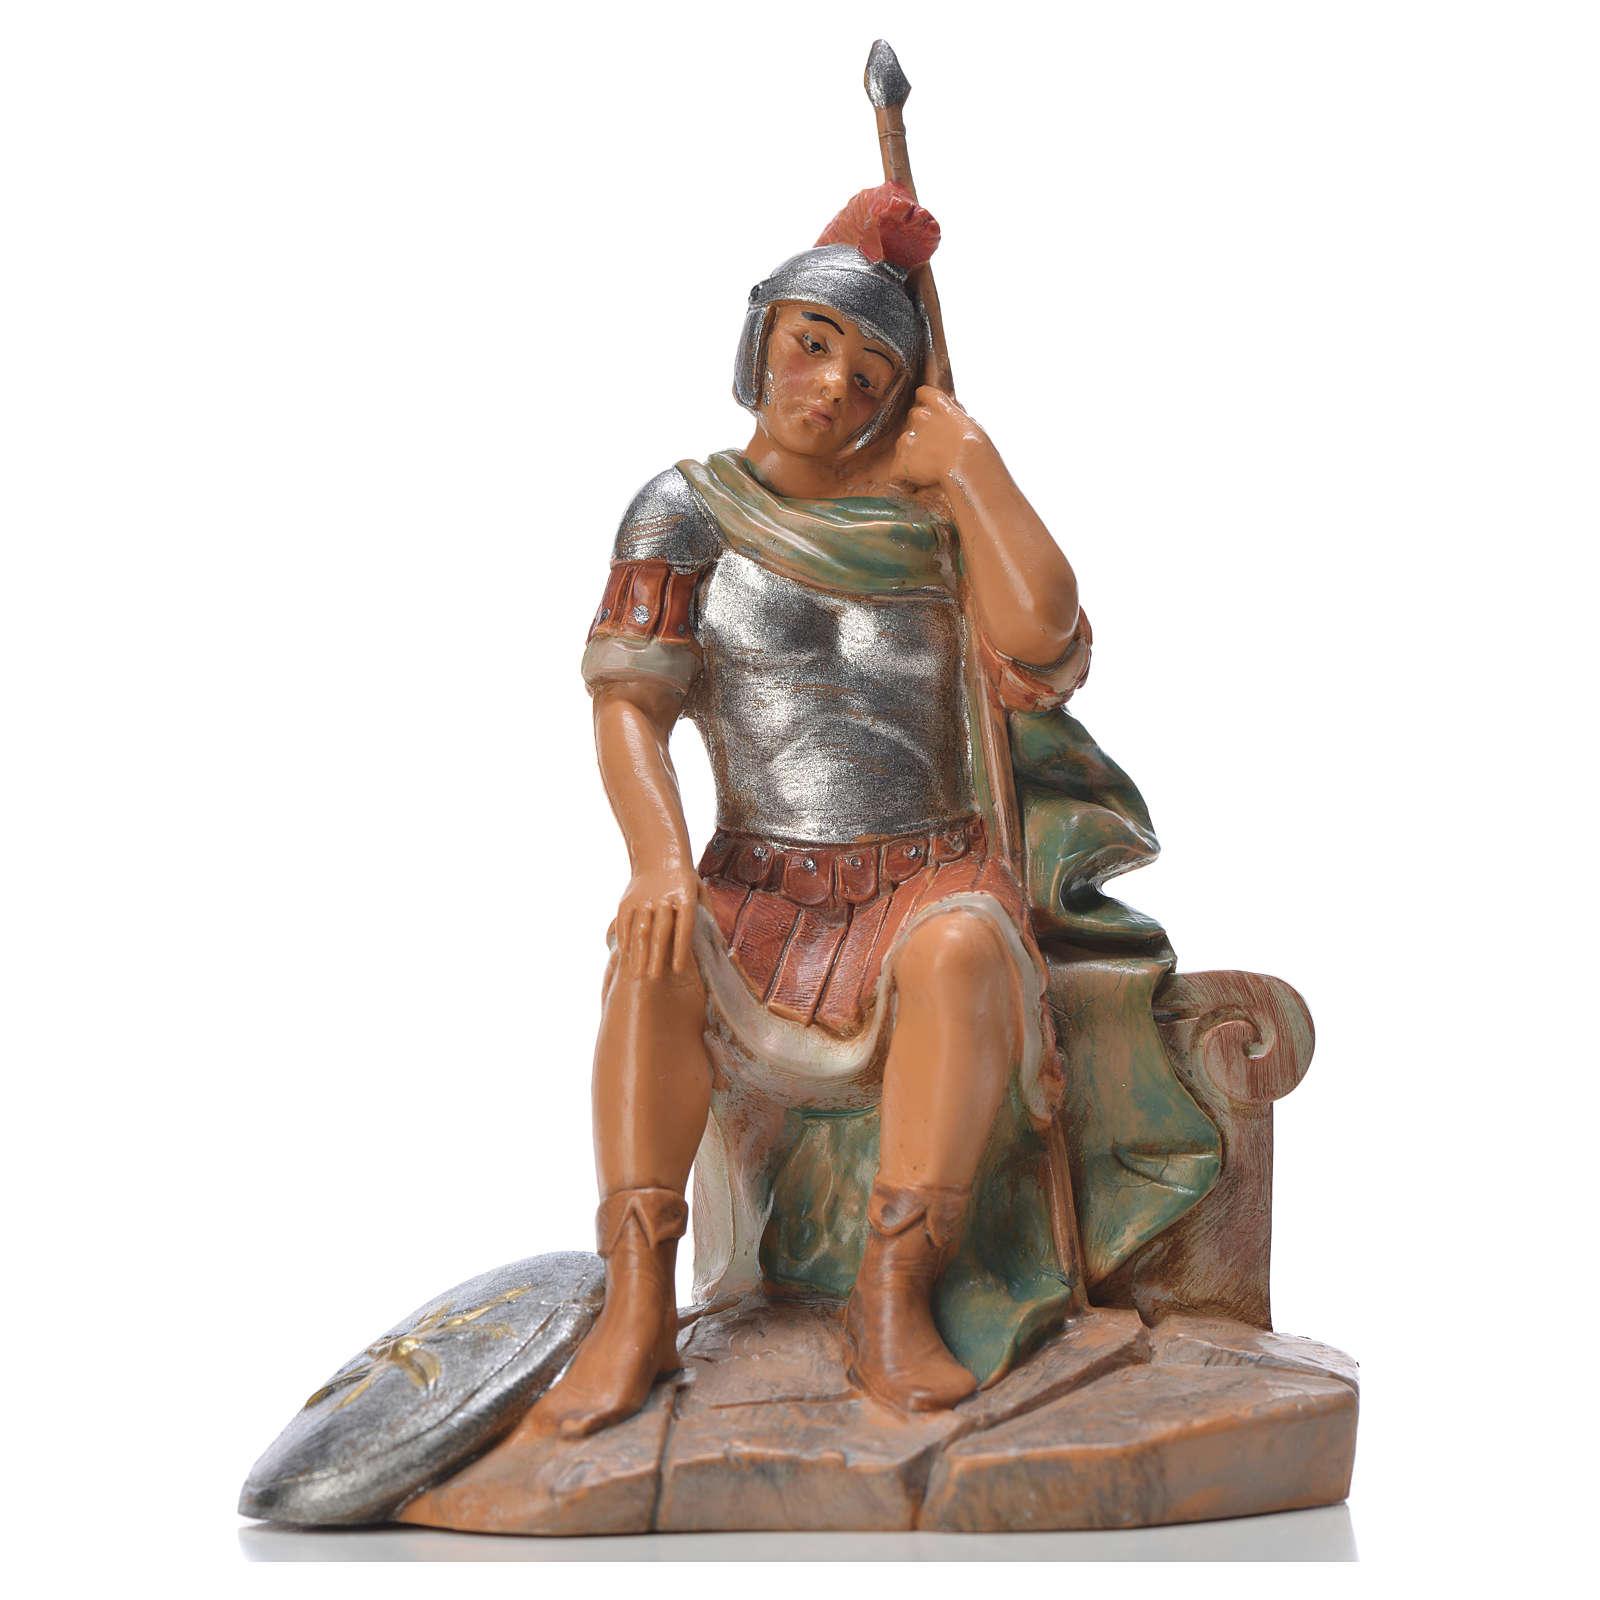 Sitzender römischer Soldat 12cm Fontanini 4